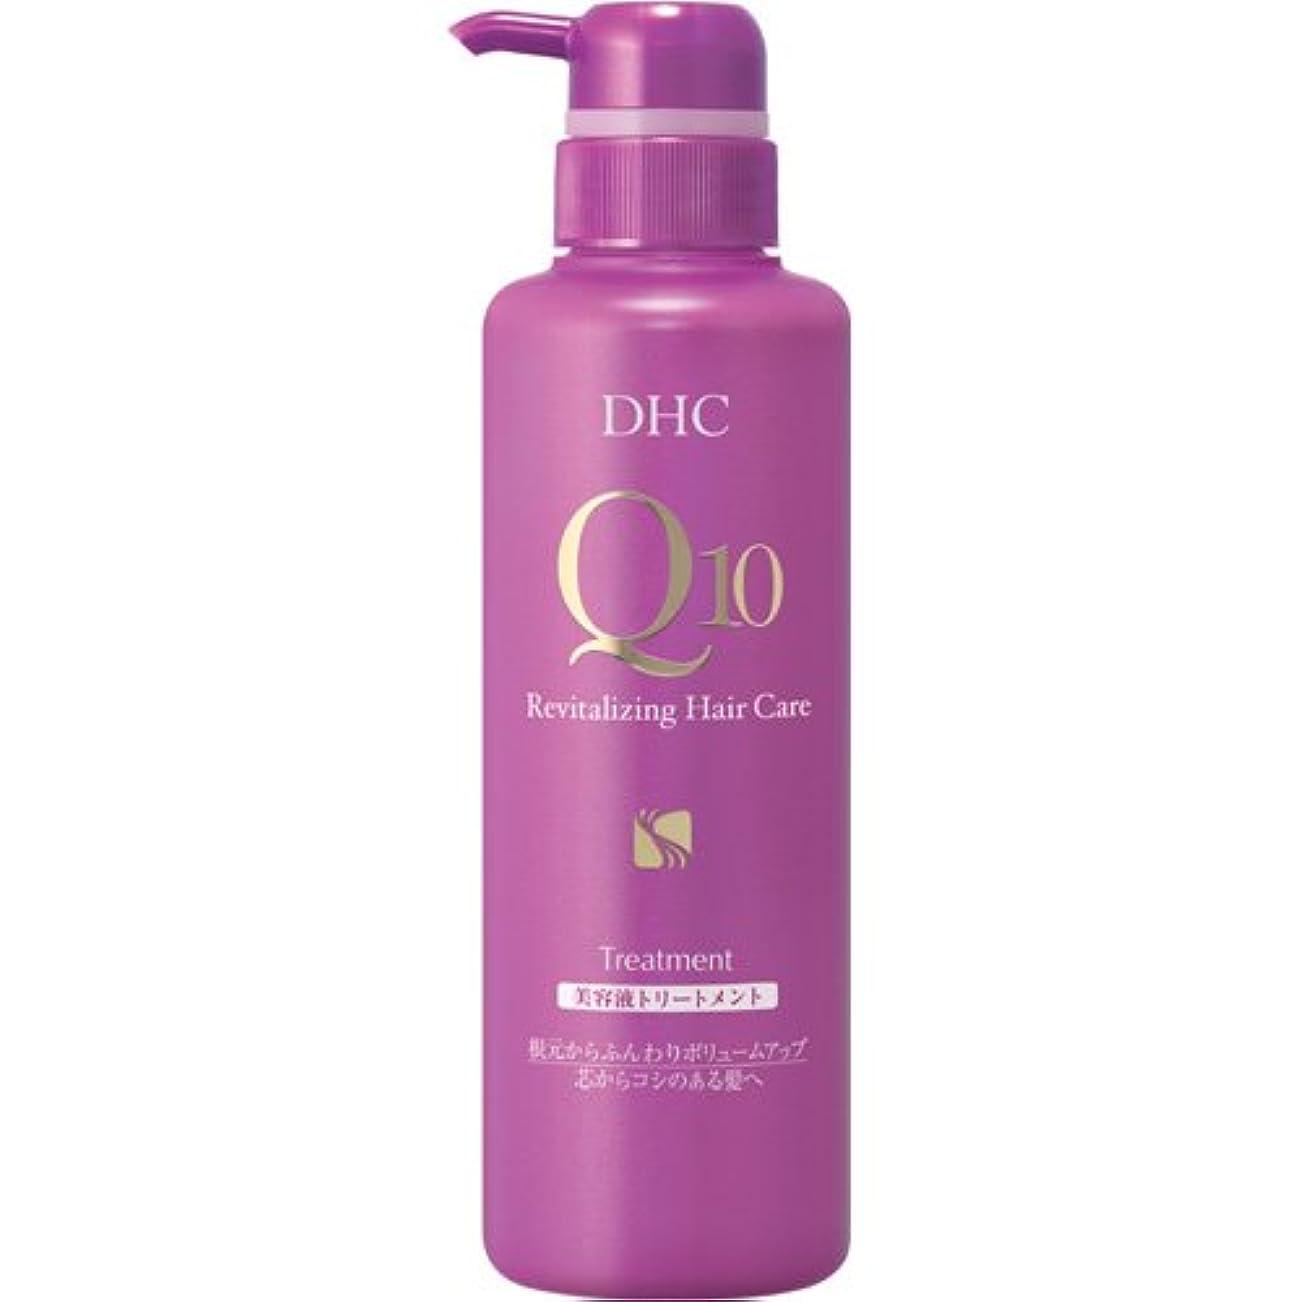 吸収するさわやかあいにくDHC Q10美容液 トリートメント (SS)  330ml